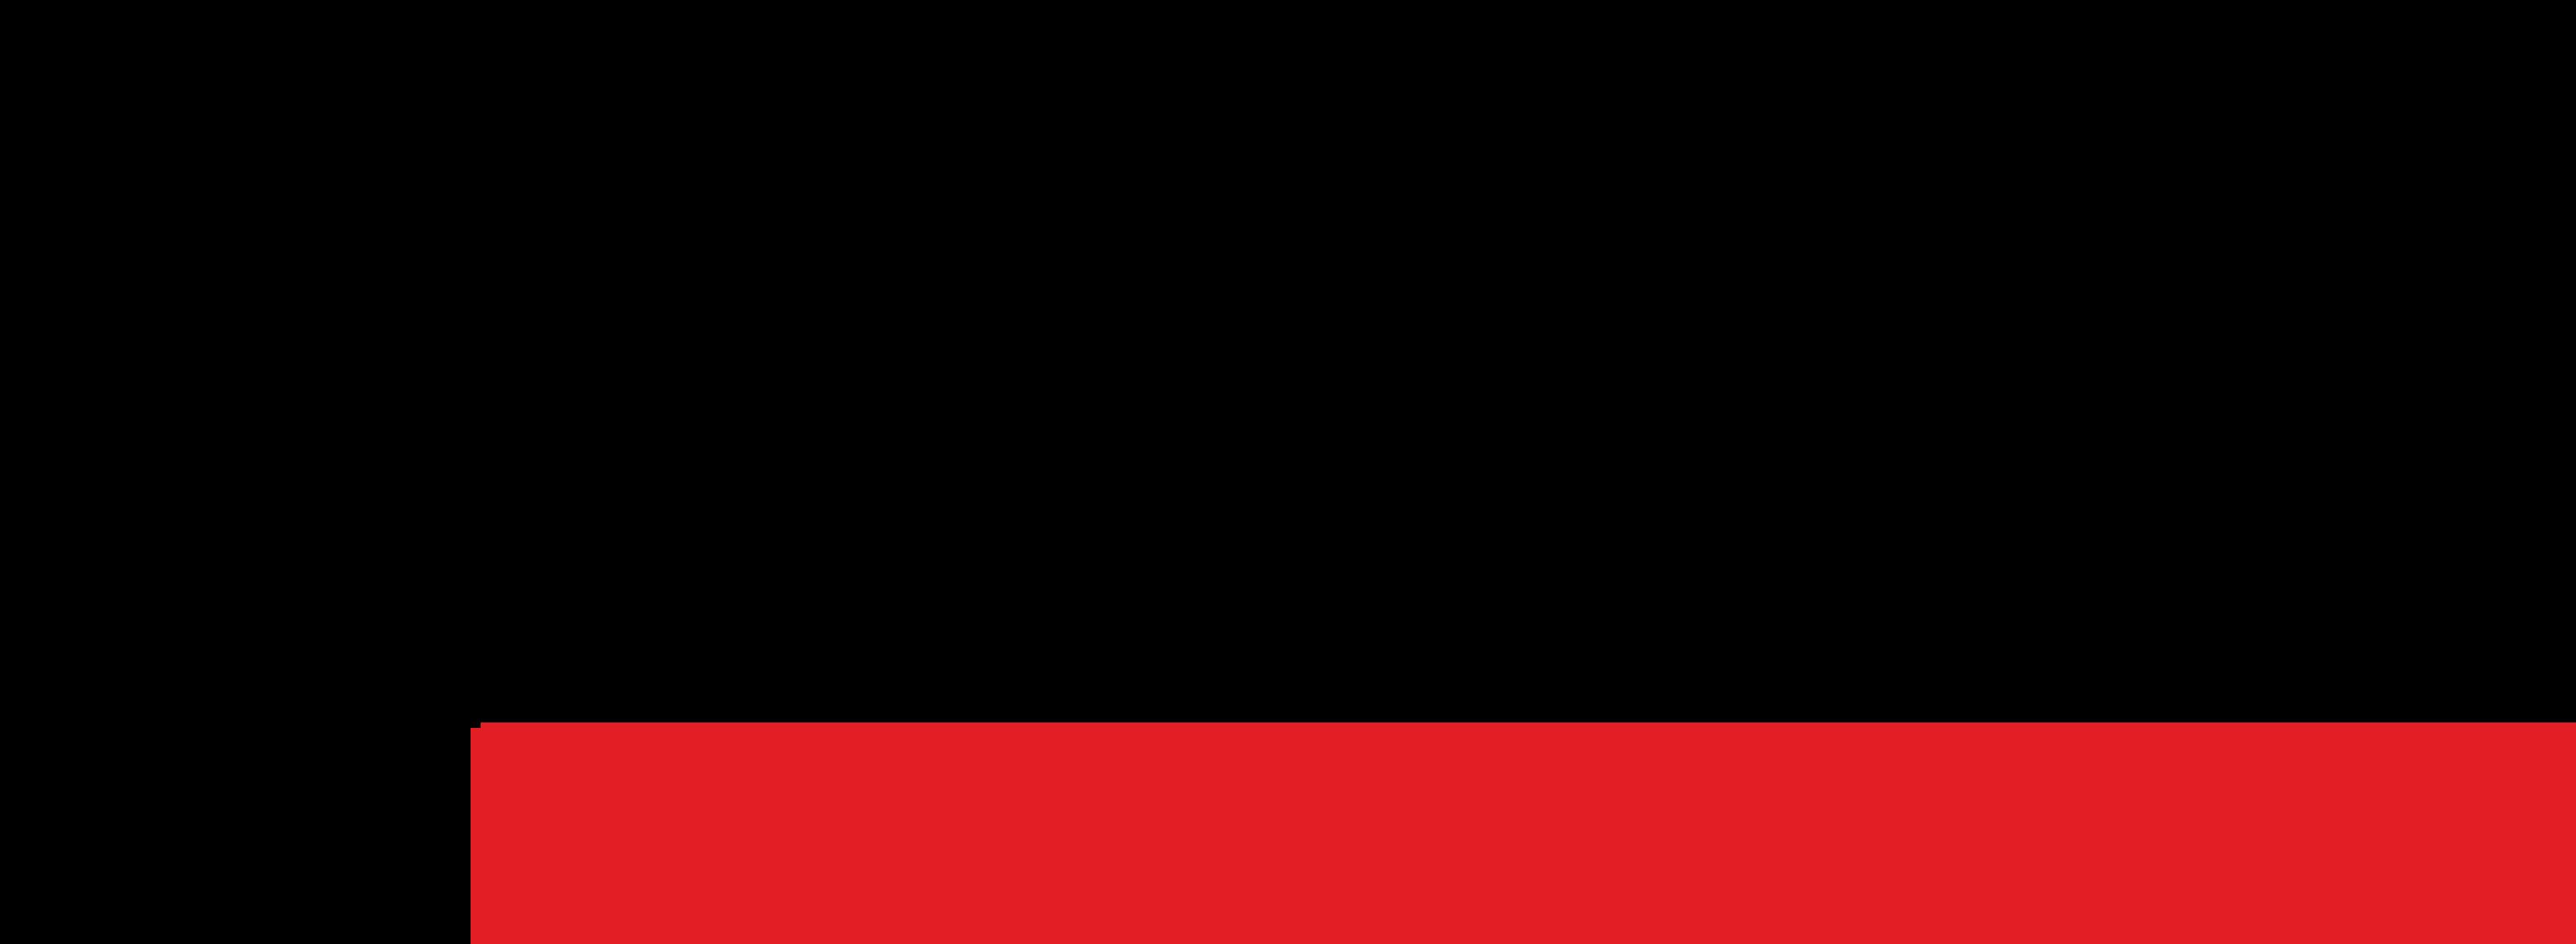 EINSATZ 58 – 18.11.2017 –  Zimmerbrand, Person in Gefahr